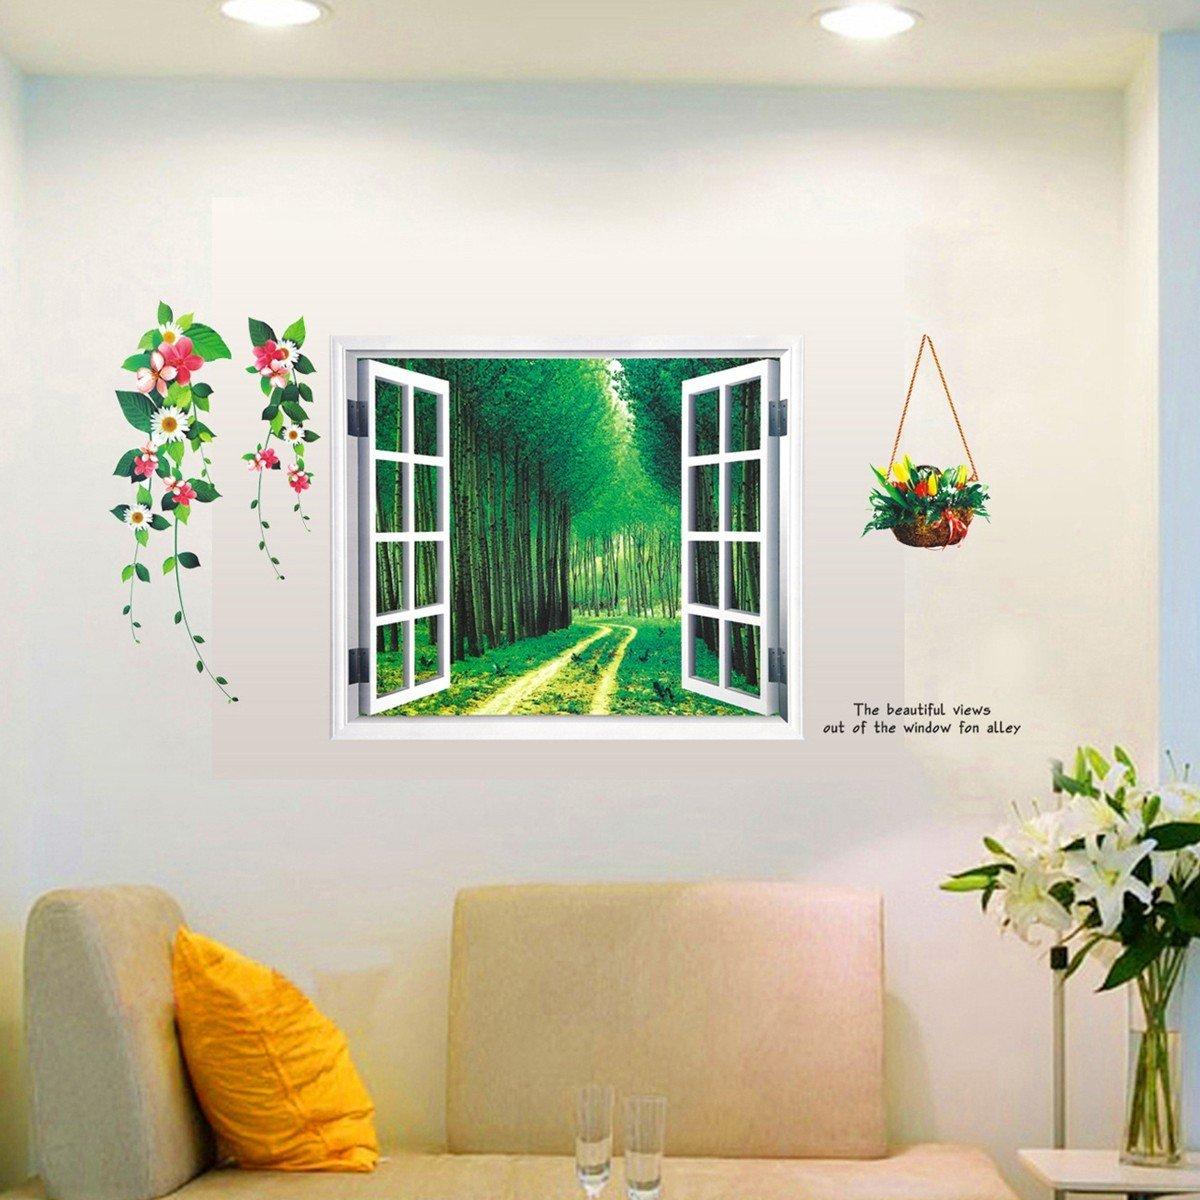 jagger associates services provided by interior designers Amazon|窓 森の道 森 ウォールステッカー 森 wall sticker ウォールペーパー 壁紙 森 ウォールシール森  60*90cm|ウォールステッカー オンライン通販